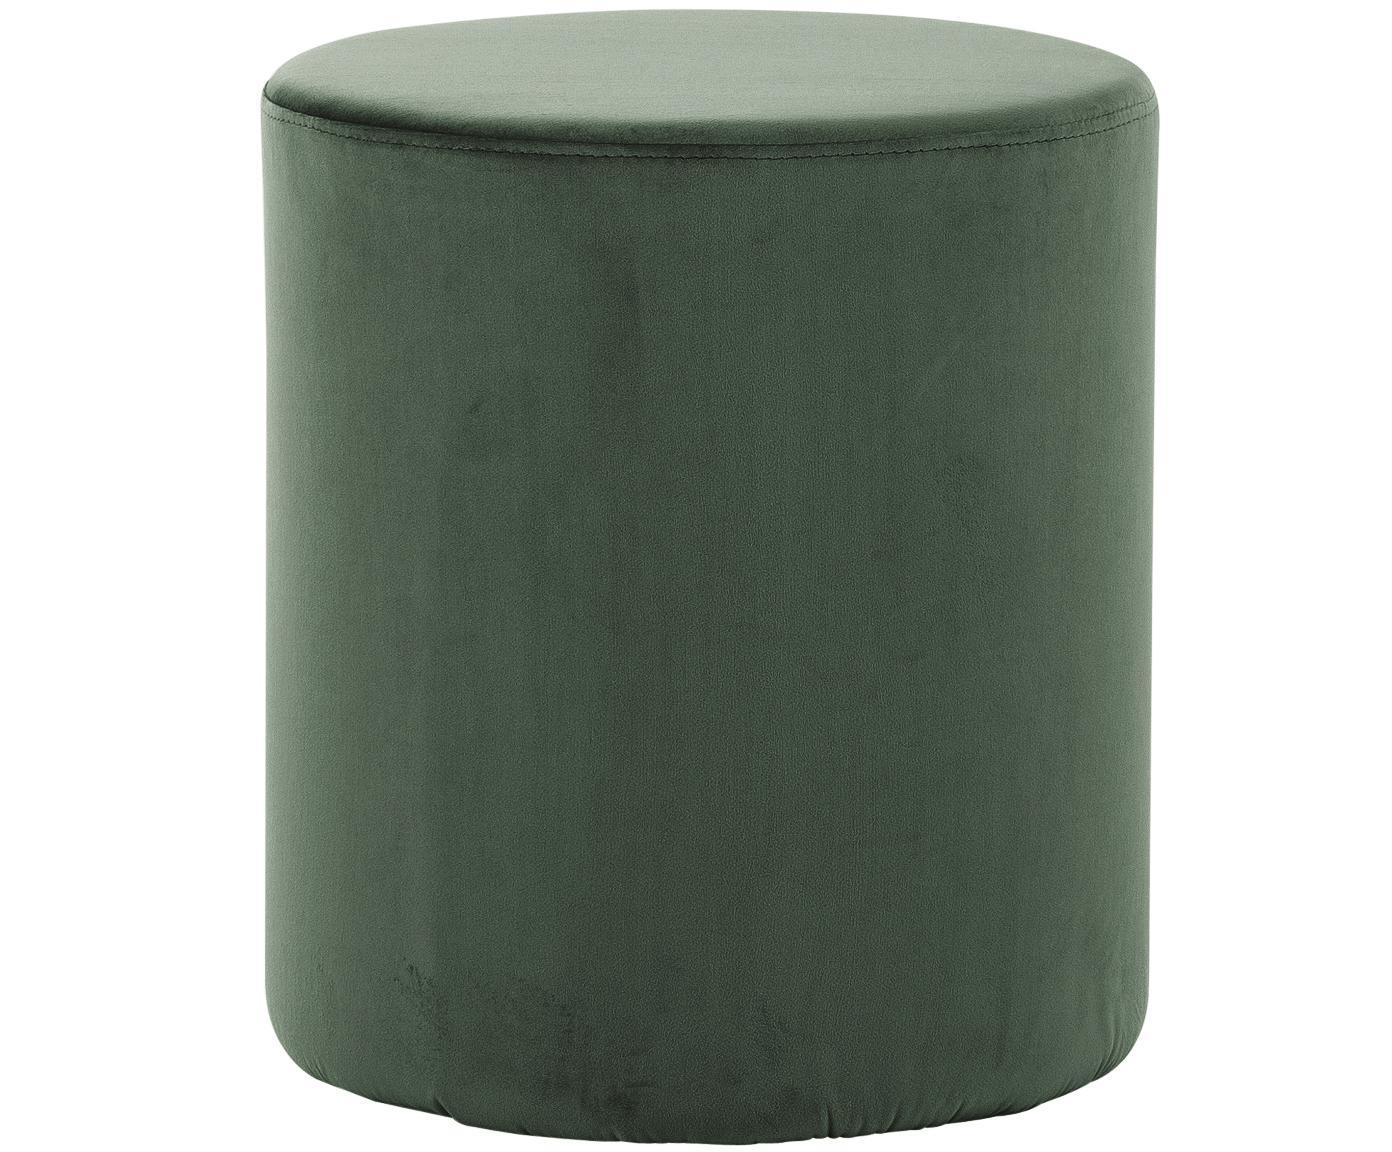 Pouf in velluto Daisy, Rivestimento: velluto (poliestere) 15.0, Struttura: pannello di fibra a media, Verde chiaro, Ø 38 x Alt. 46 cm